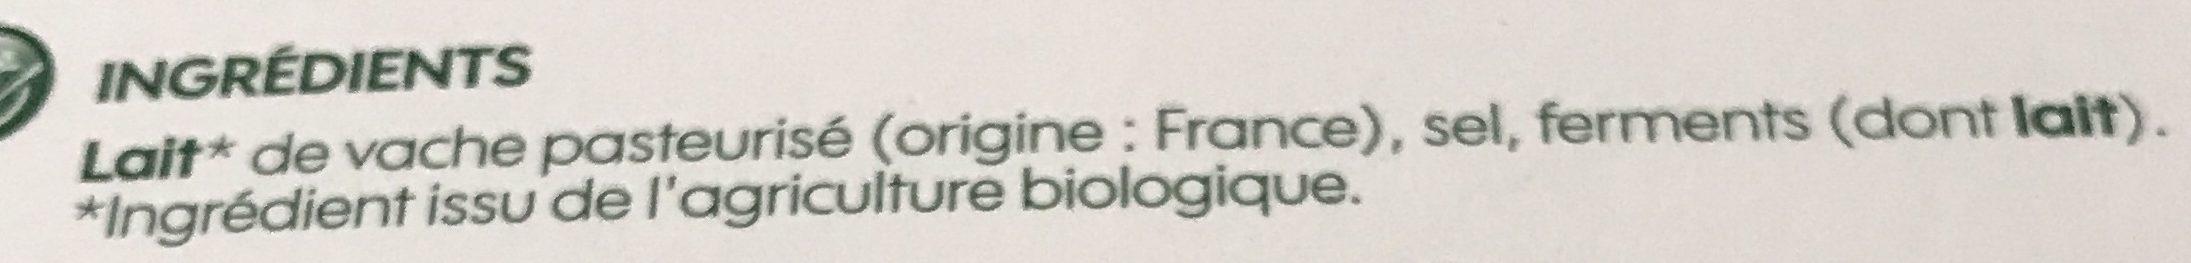 Brique au lait entier de vache bio 25% Mat. Gr. - Ingredients - fr